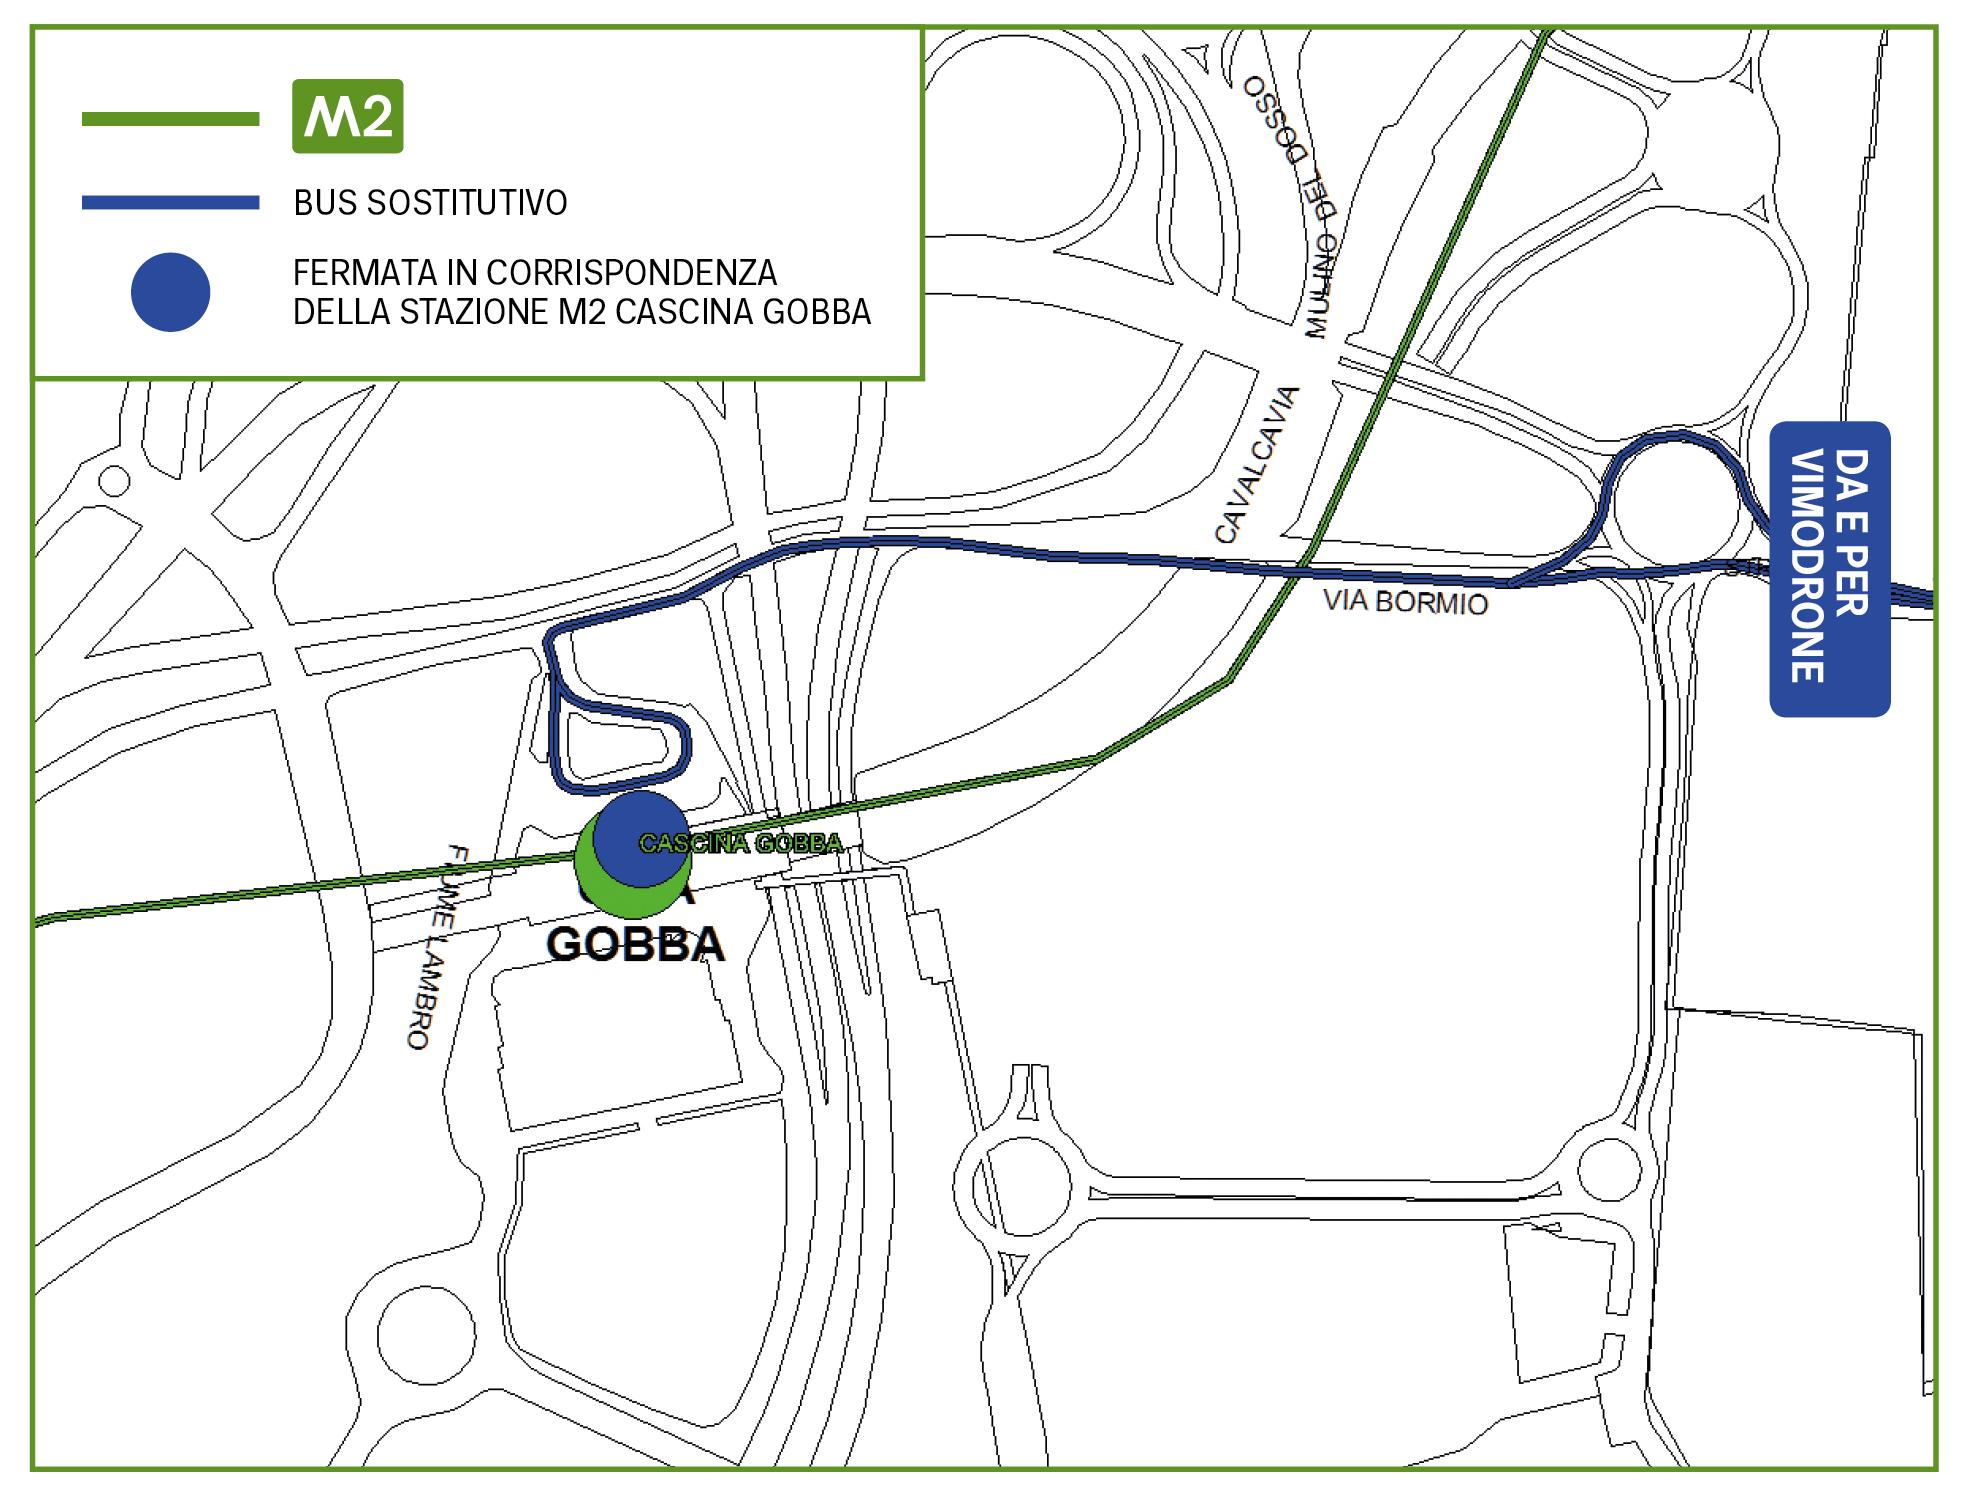 Mappa Bus sostitutivo Cascina Gobba